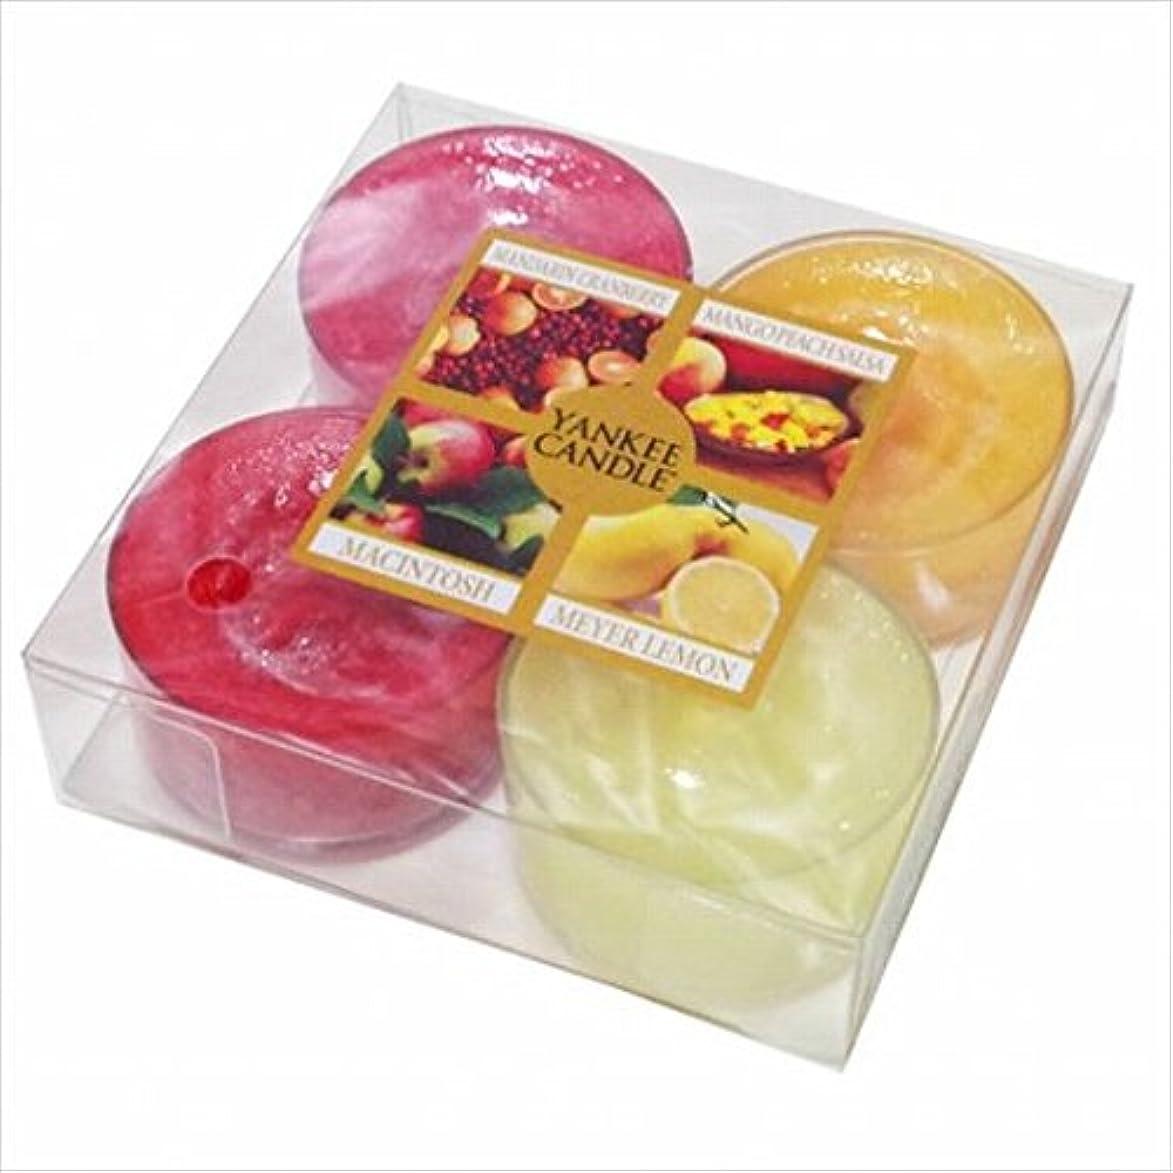 ブロー透過性仕立て屋カメヤマキャンドル(kameyama candle) YANKEE CANDLE クリアカップティーライト4個入り アソート 「 フルーツ 」